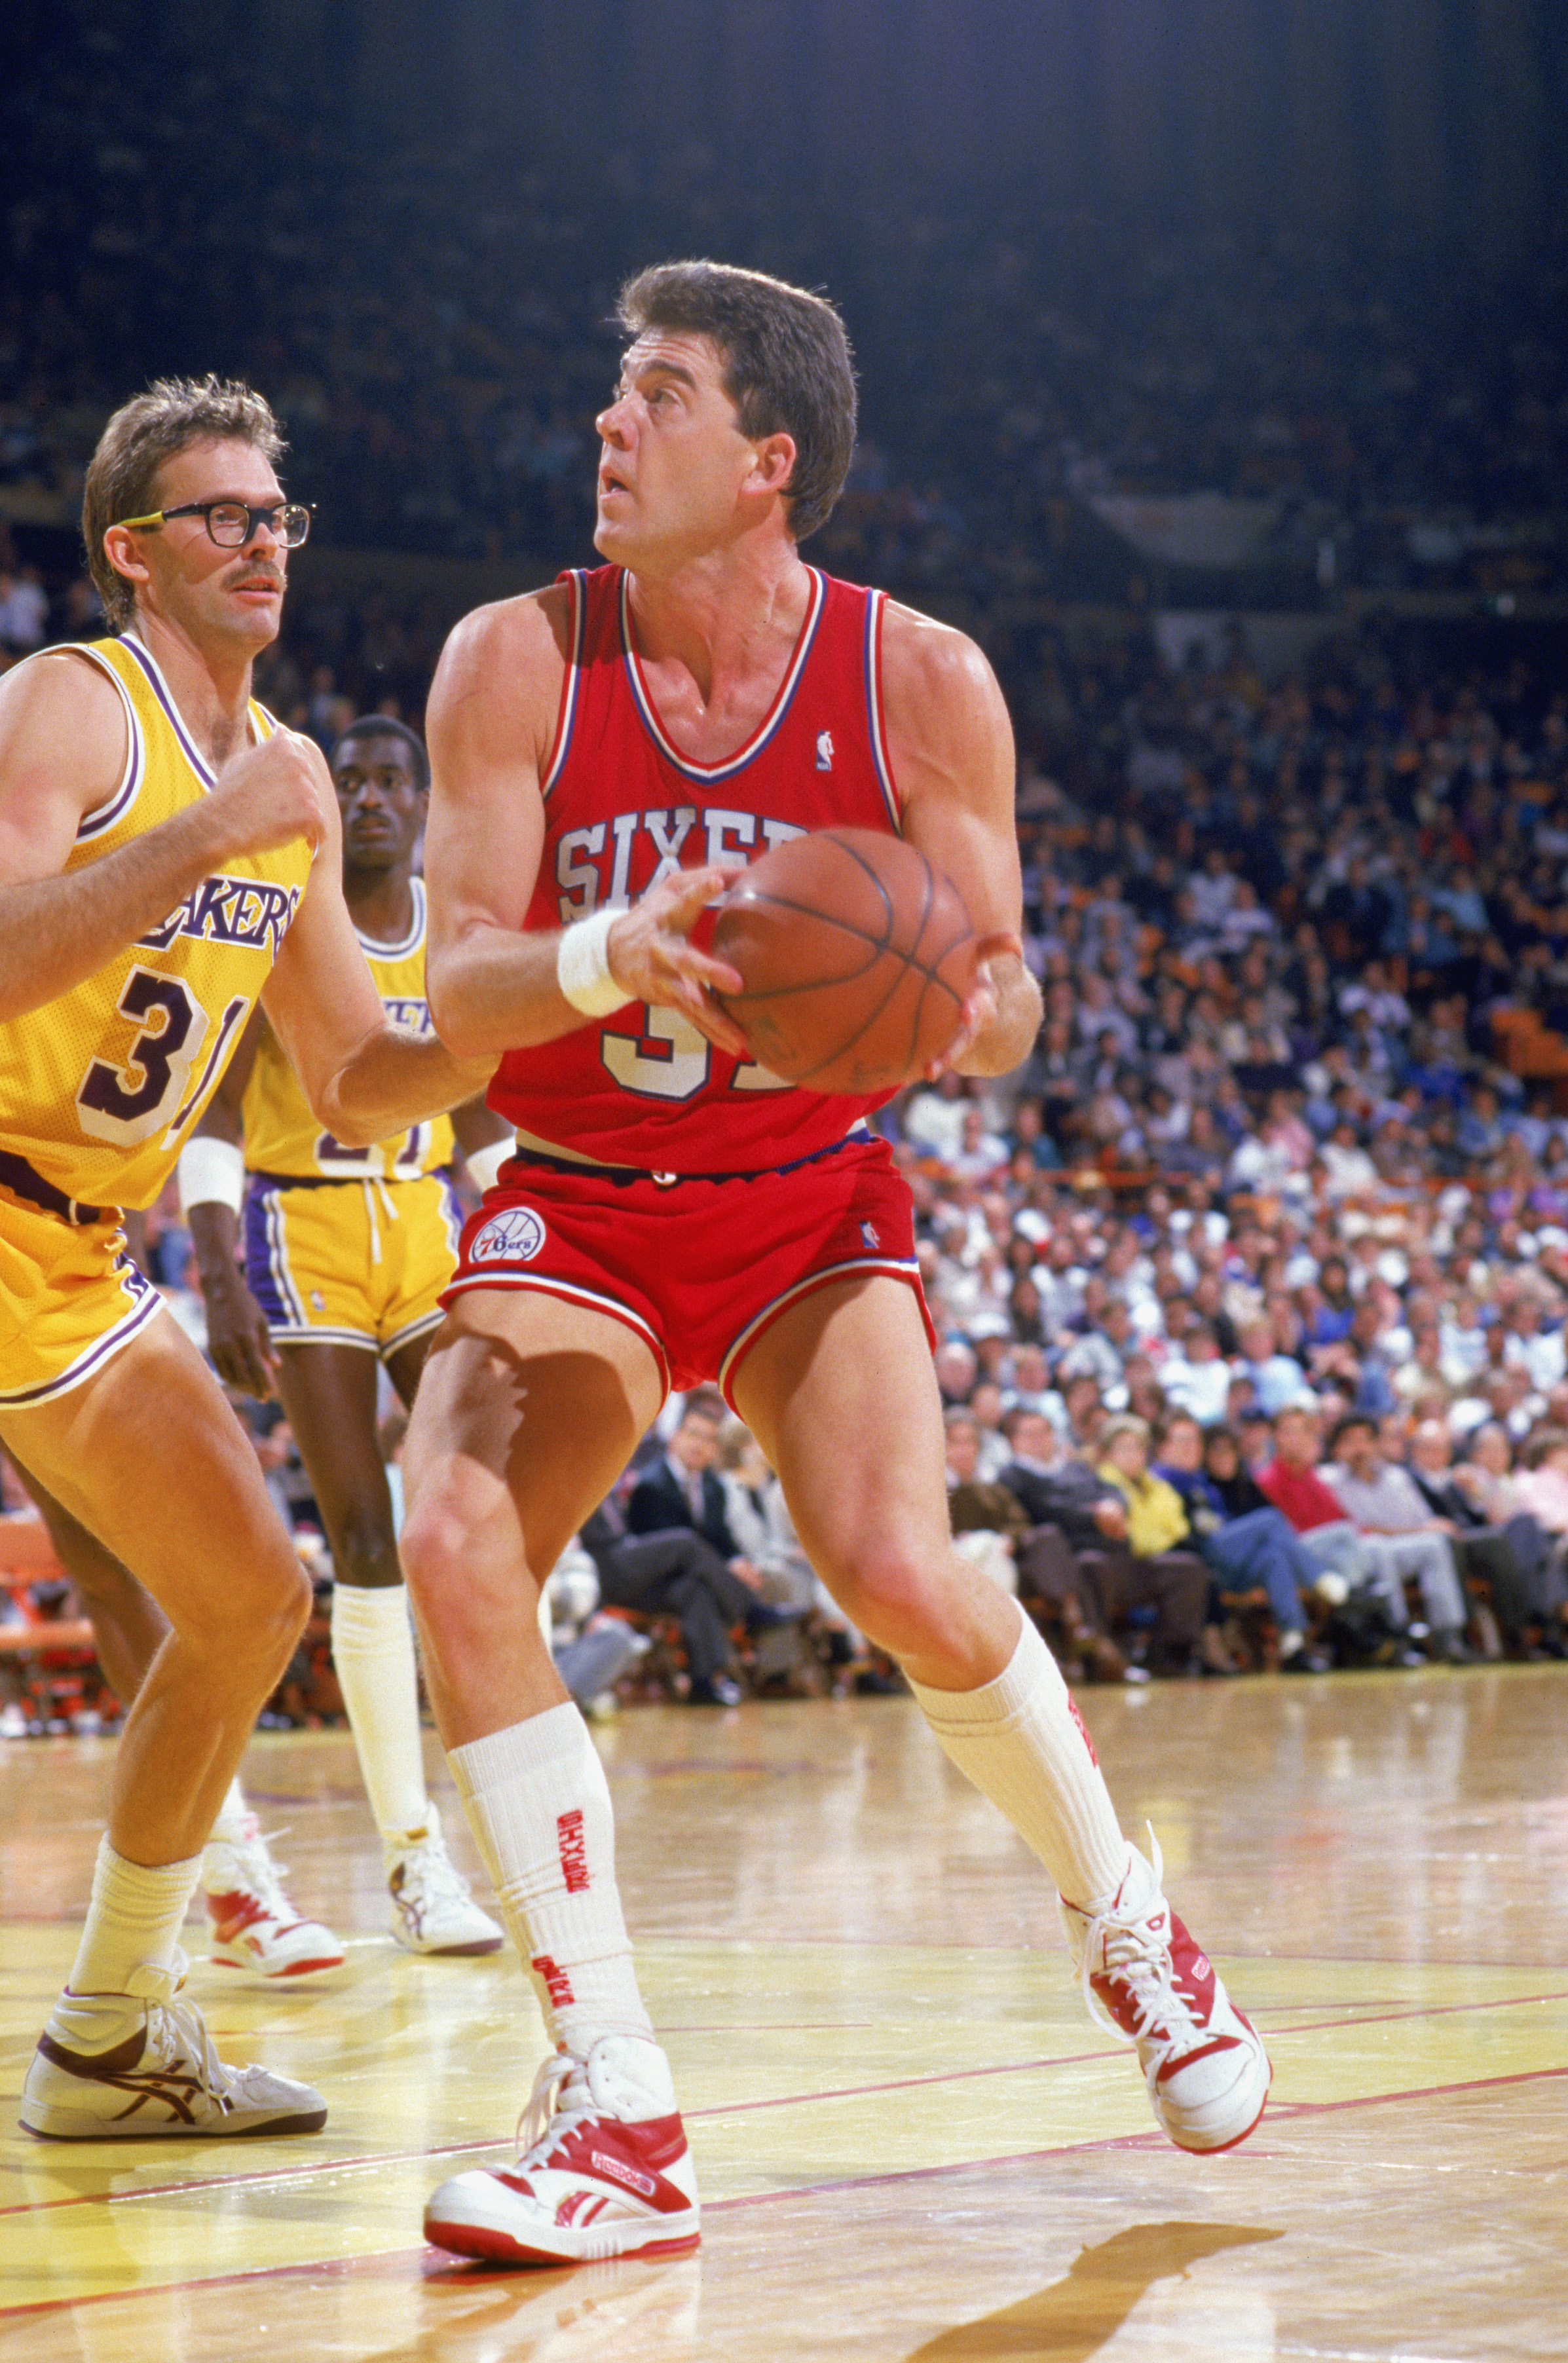 Mark McNamara goes to the basket